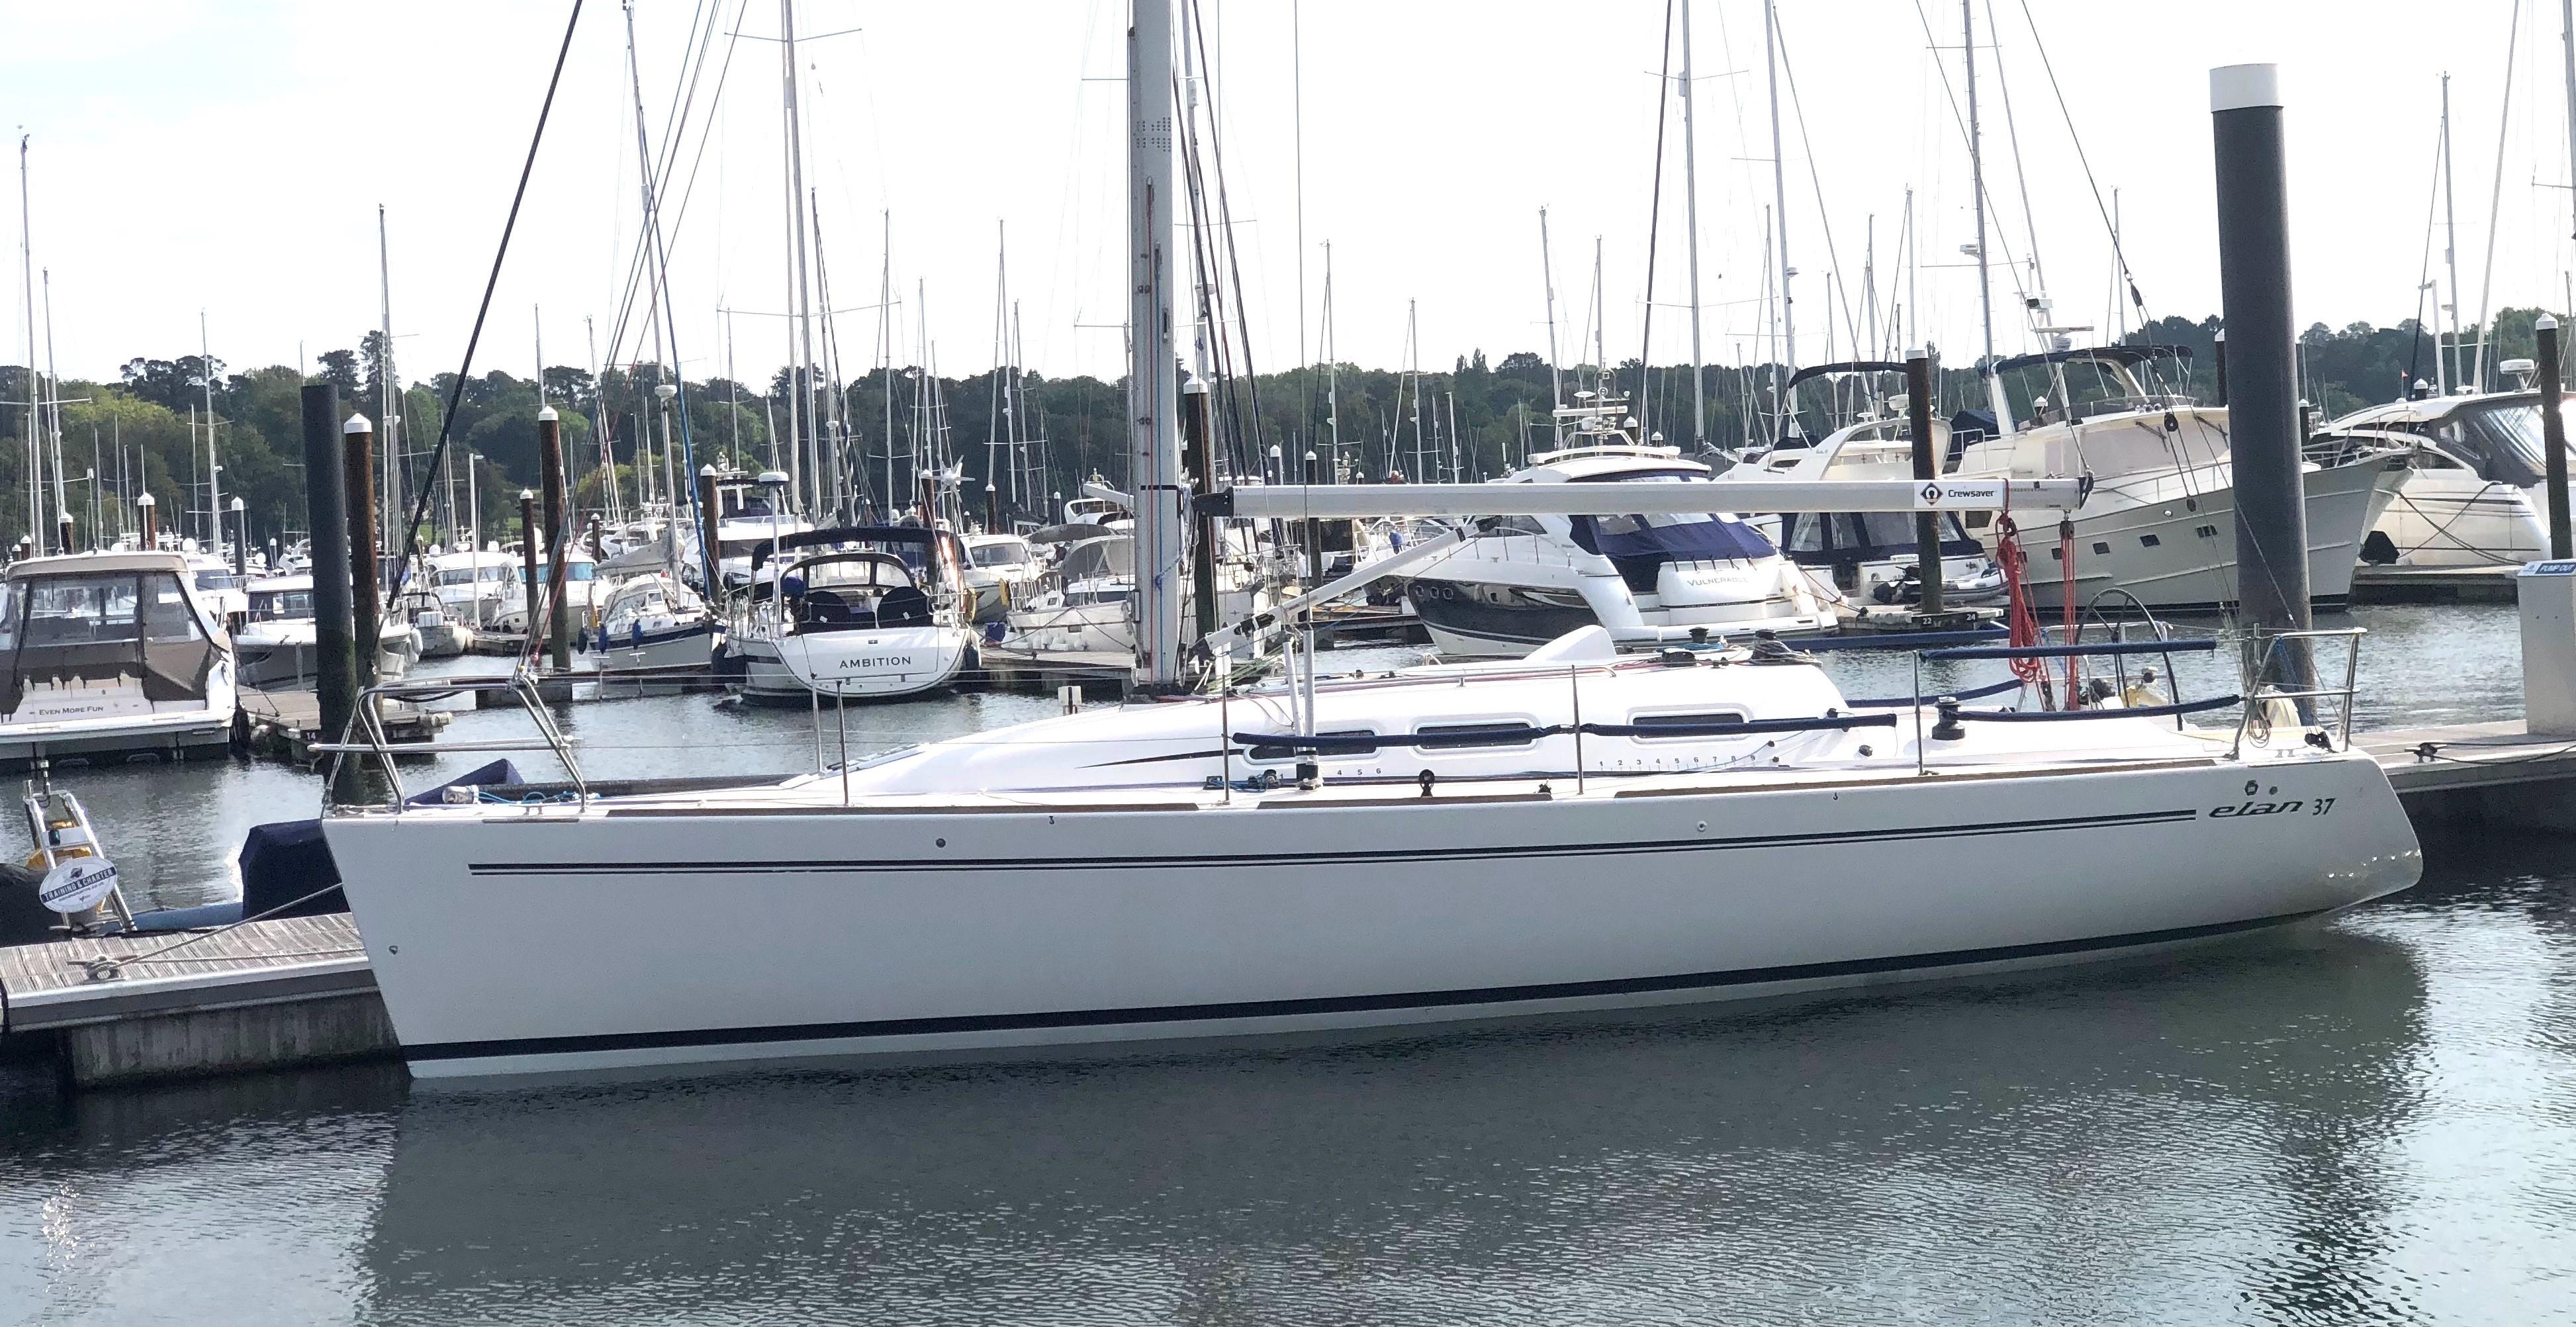 Elan 37 On her berth